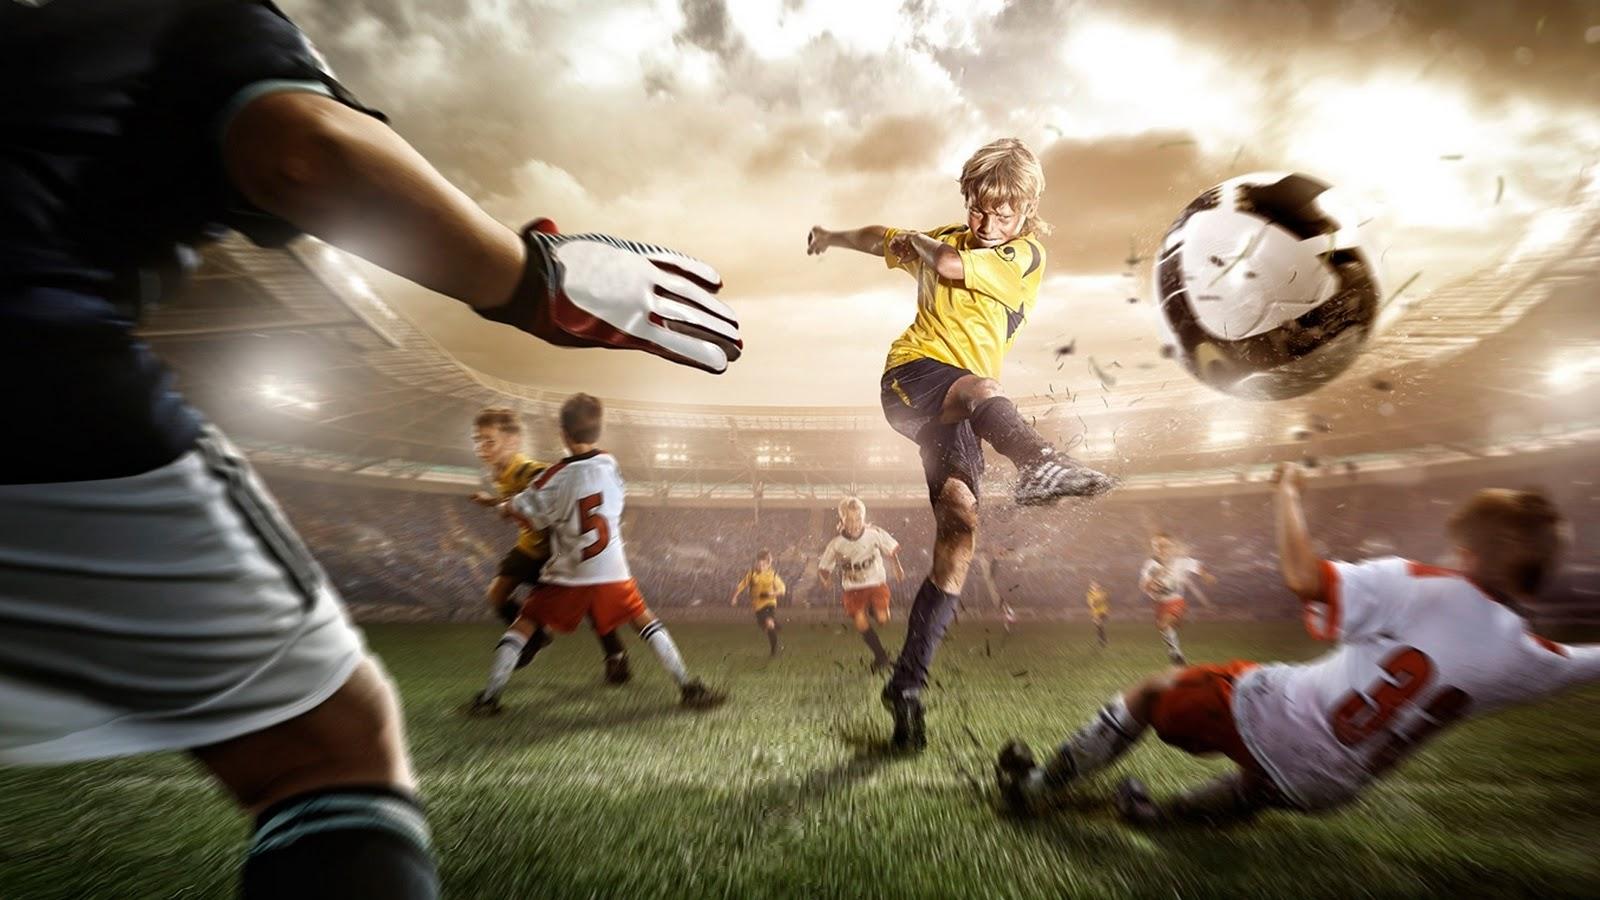 http://2.bp.blogspot.com/-acAHQNdfb2I/Tv7O_gQWNjI/AAAAAAAAAHc/IAZLLnHxUiU/s1600/Soccer-game-wallpaper-HD-1080p.jpg